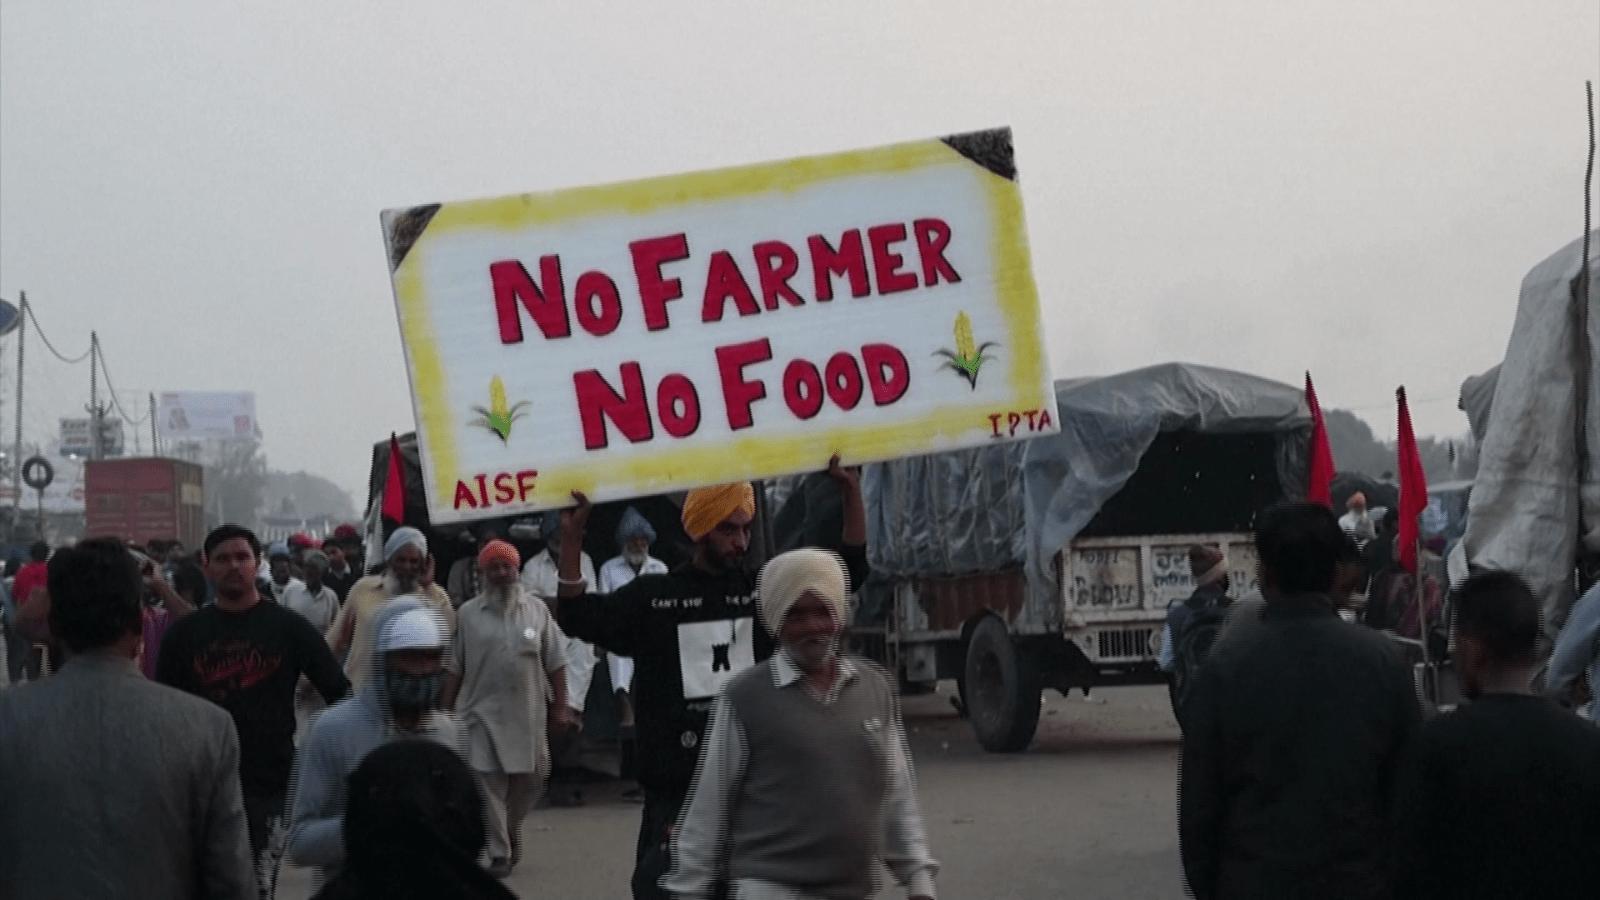 1600x900 Tại sao nông dân Ấn Độ phản đối và chặn đường vào New Delhi - Video CNN